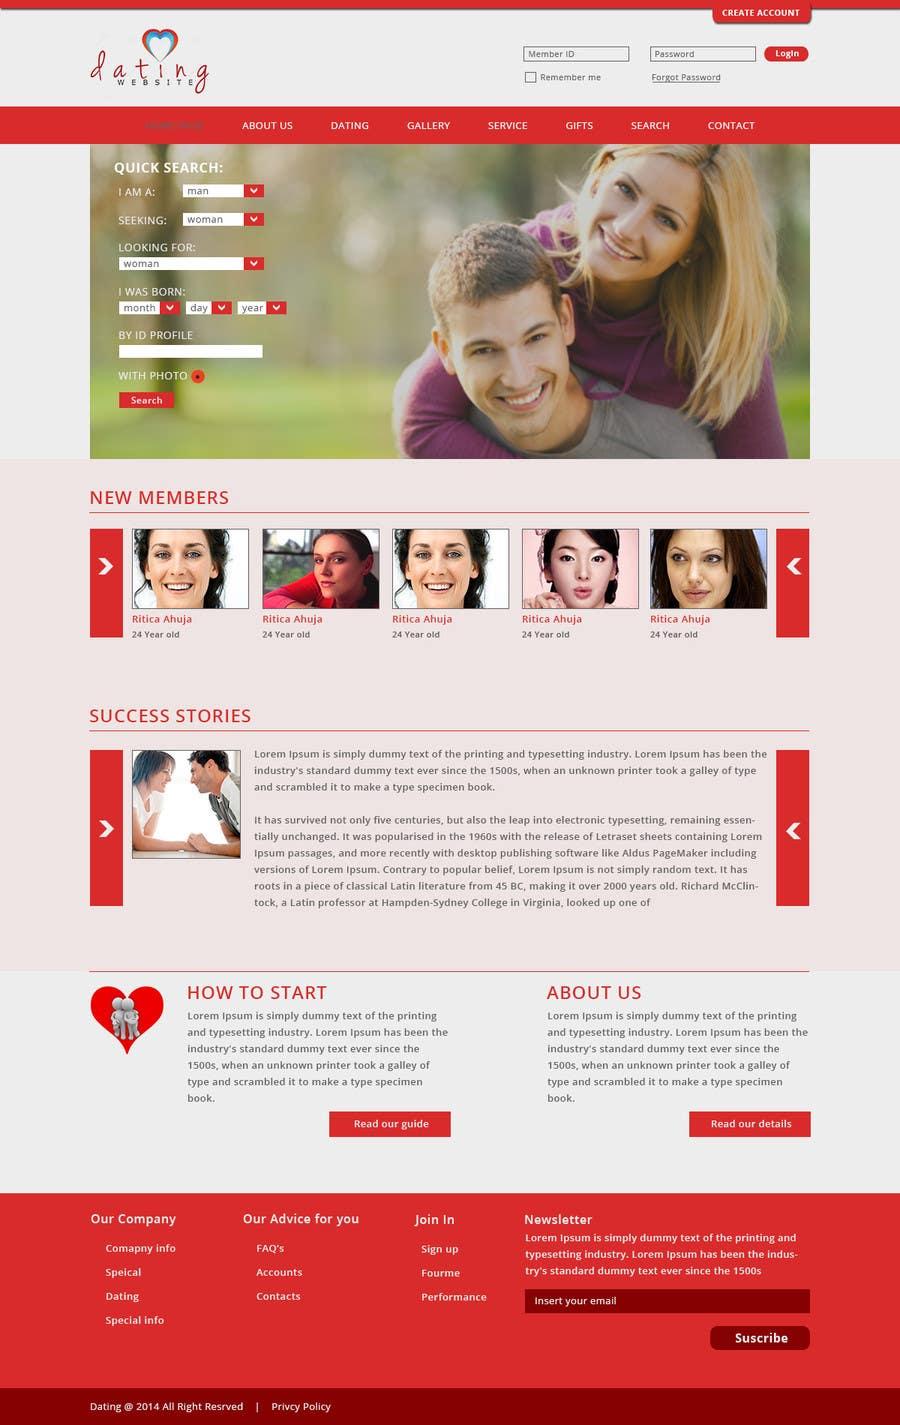 online dating en liegen over leeftijd